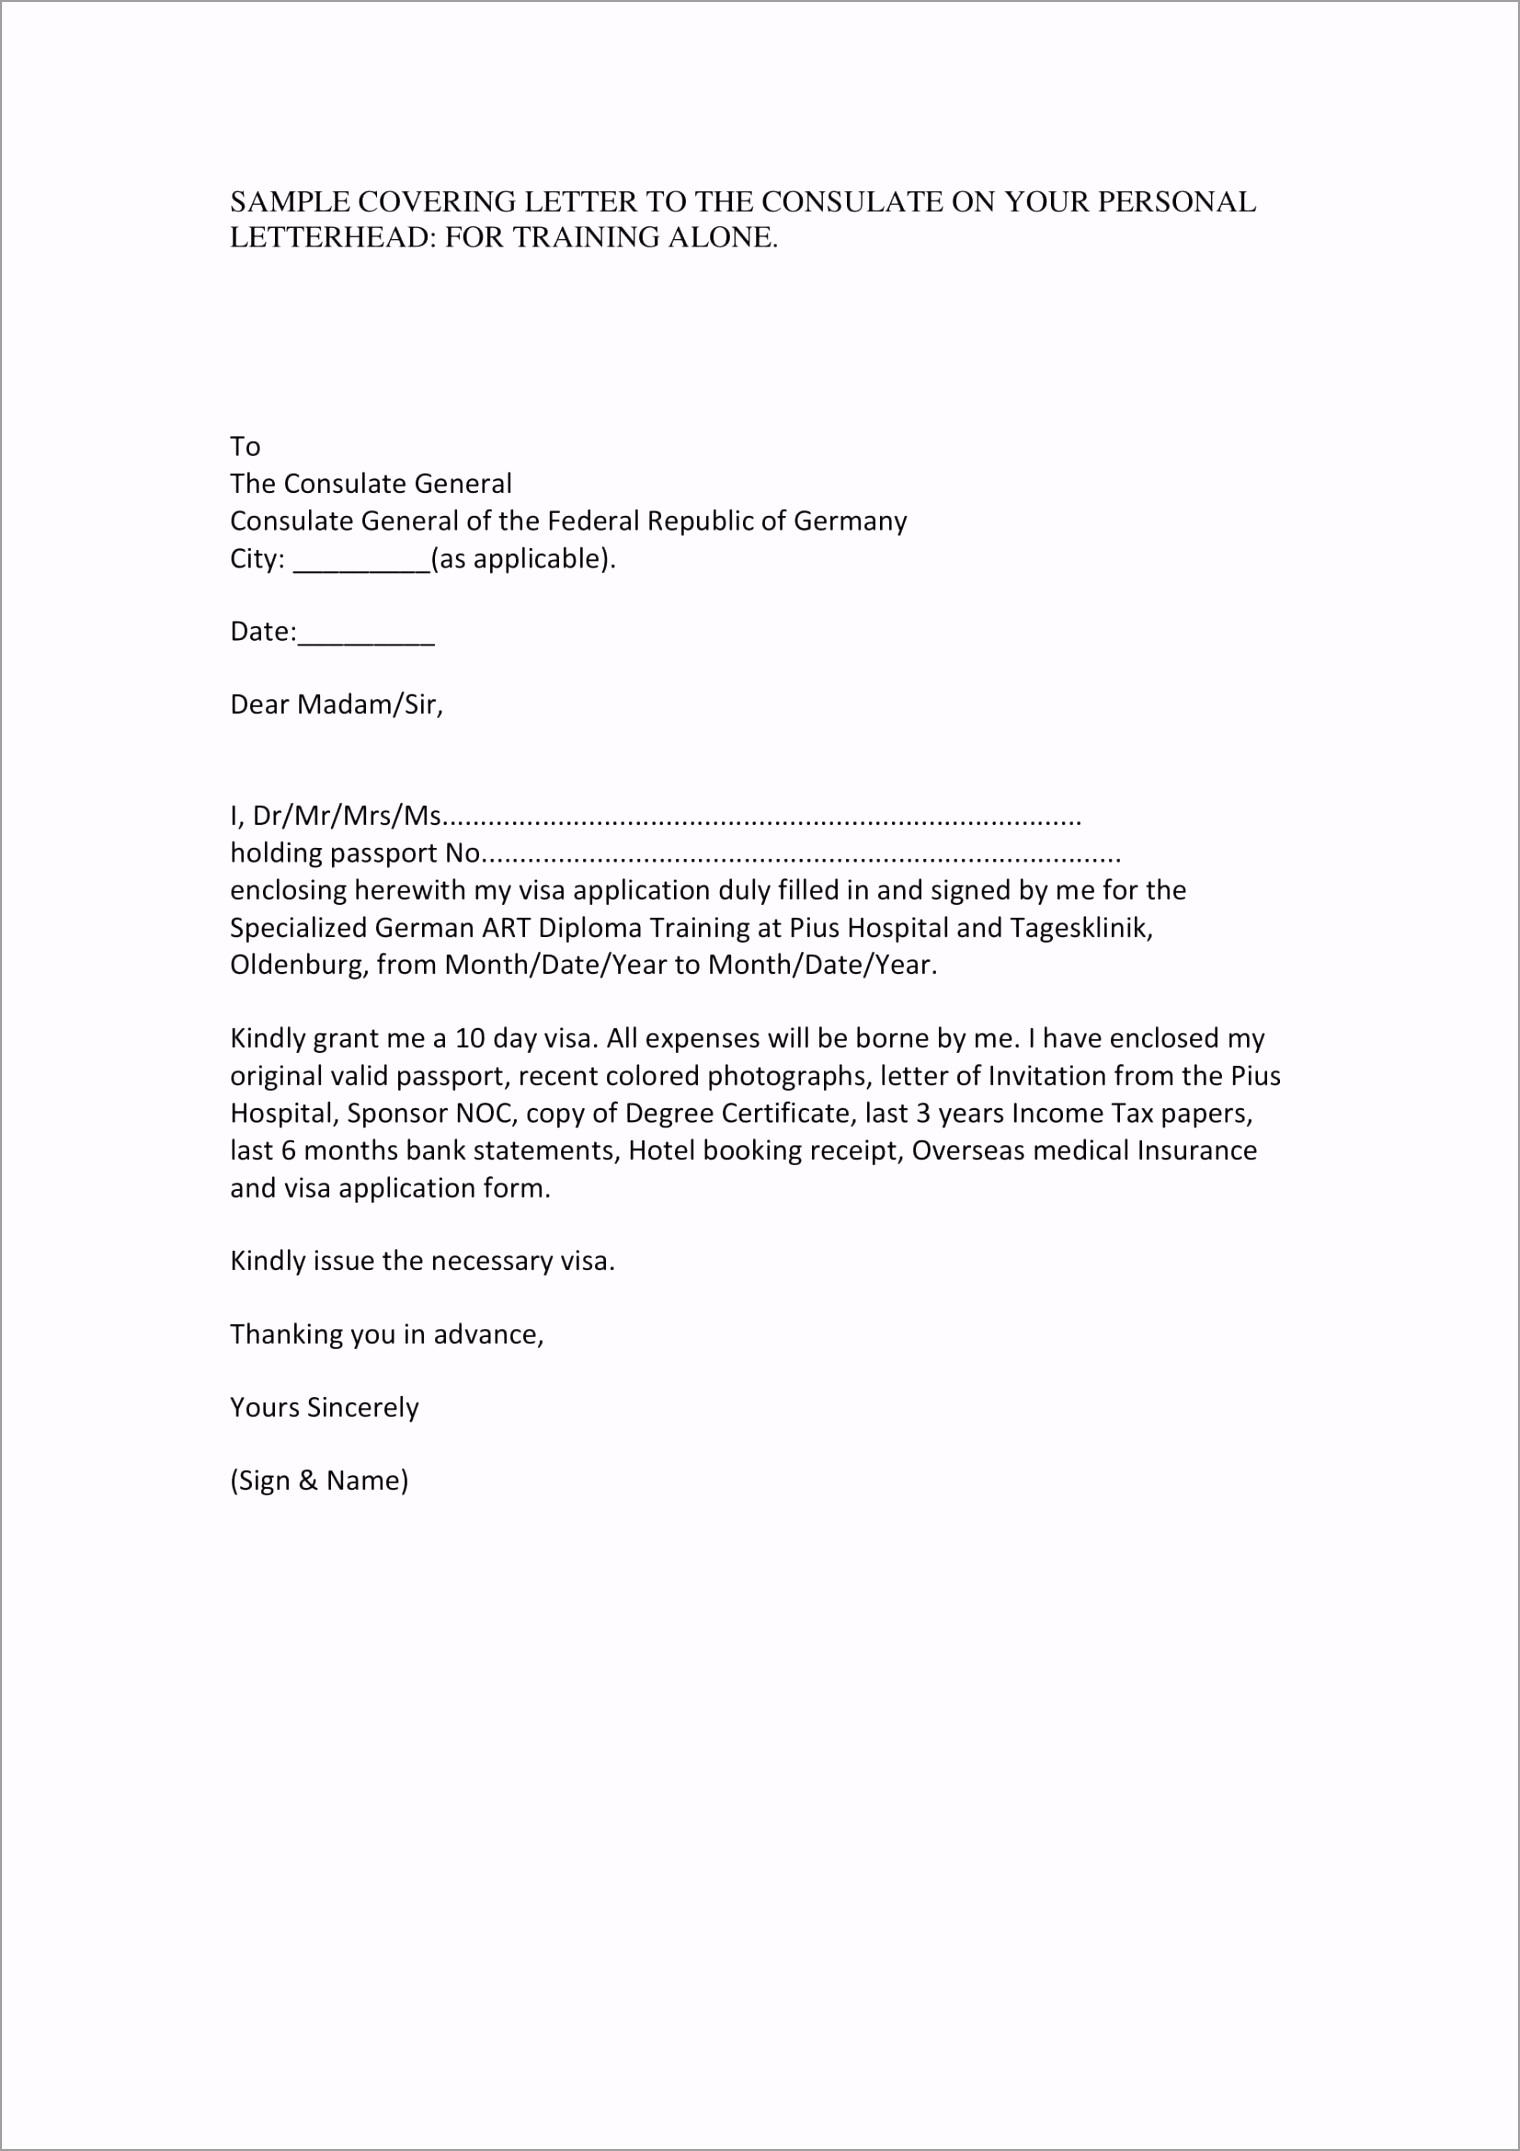 Visa Application Cover Letter Sample 1 ttueb